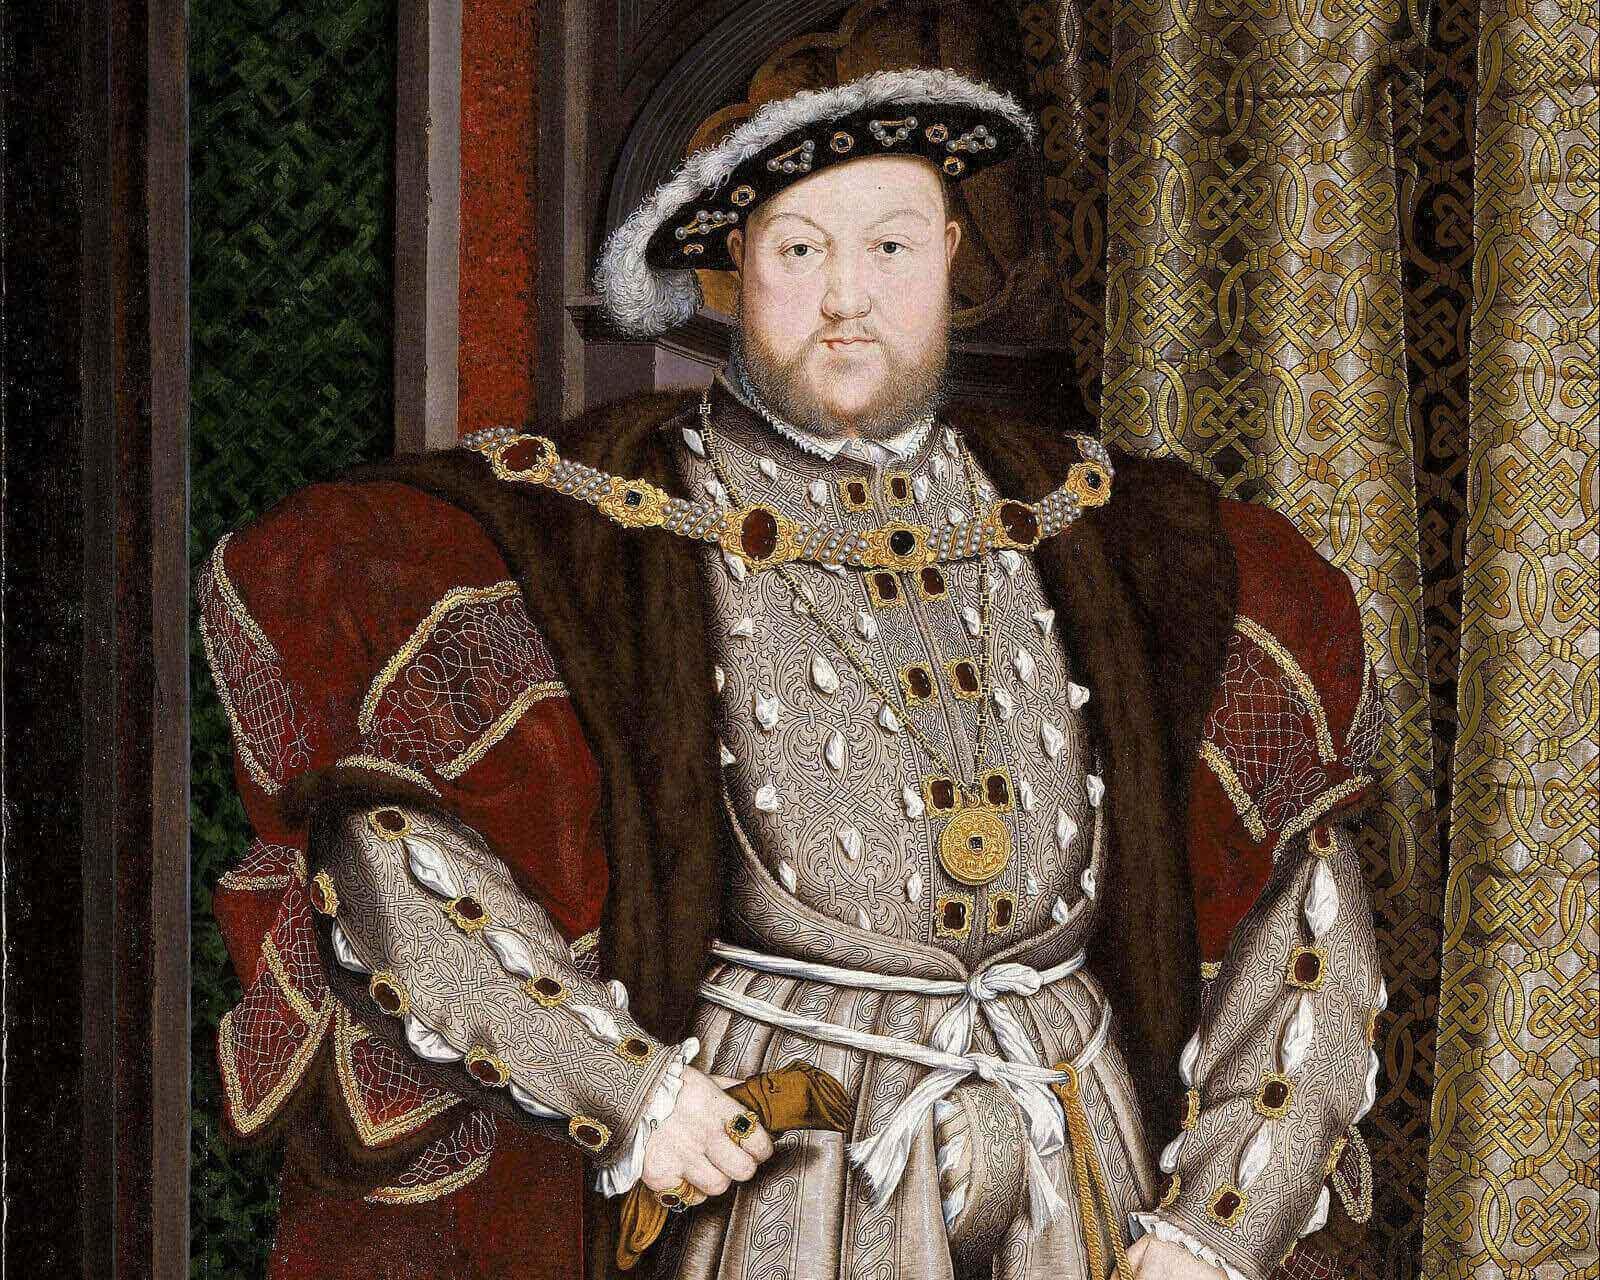 Портрет Генриха VIII. Ганс Гольбейн-Мл.